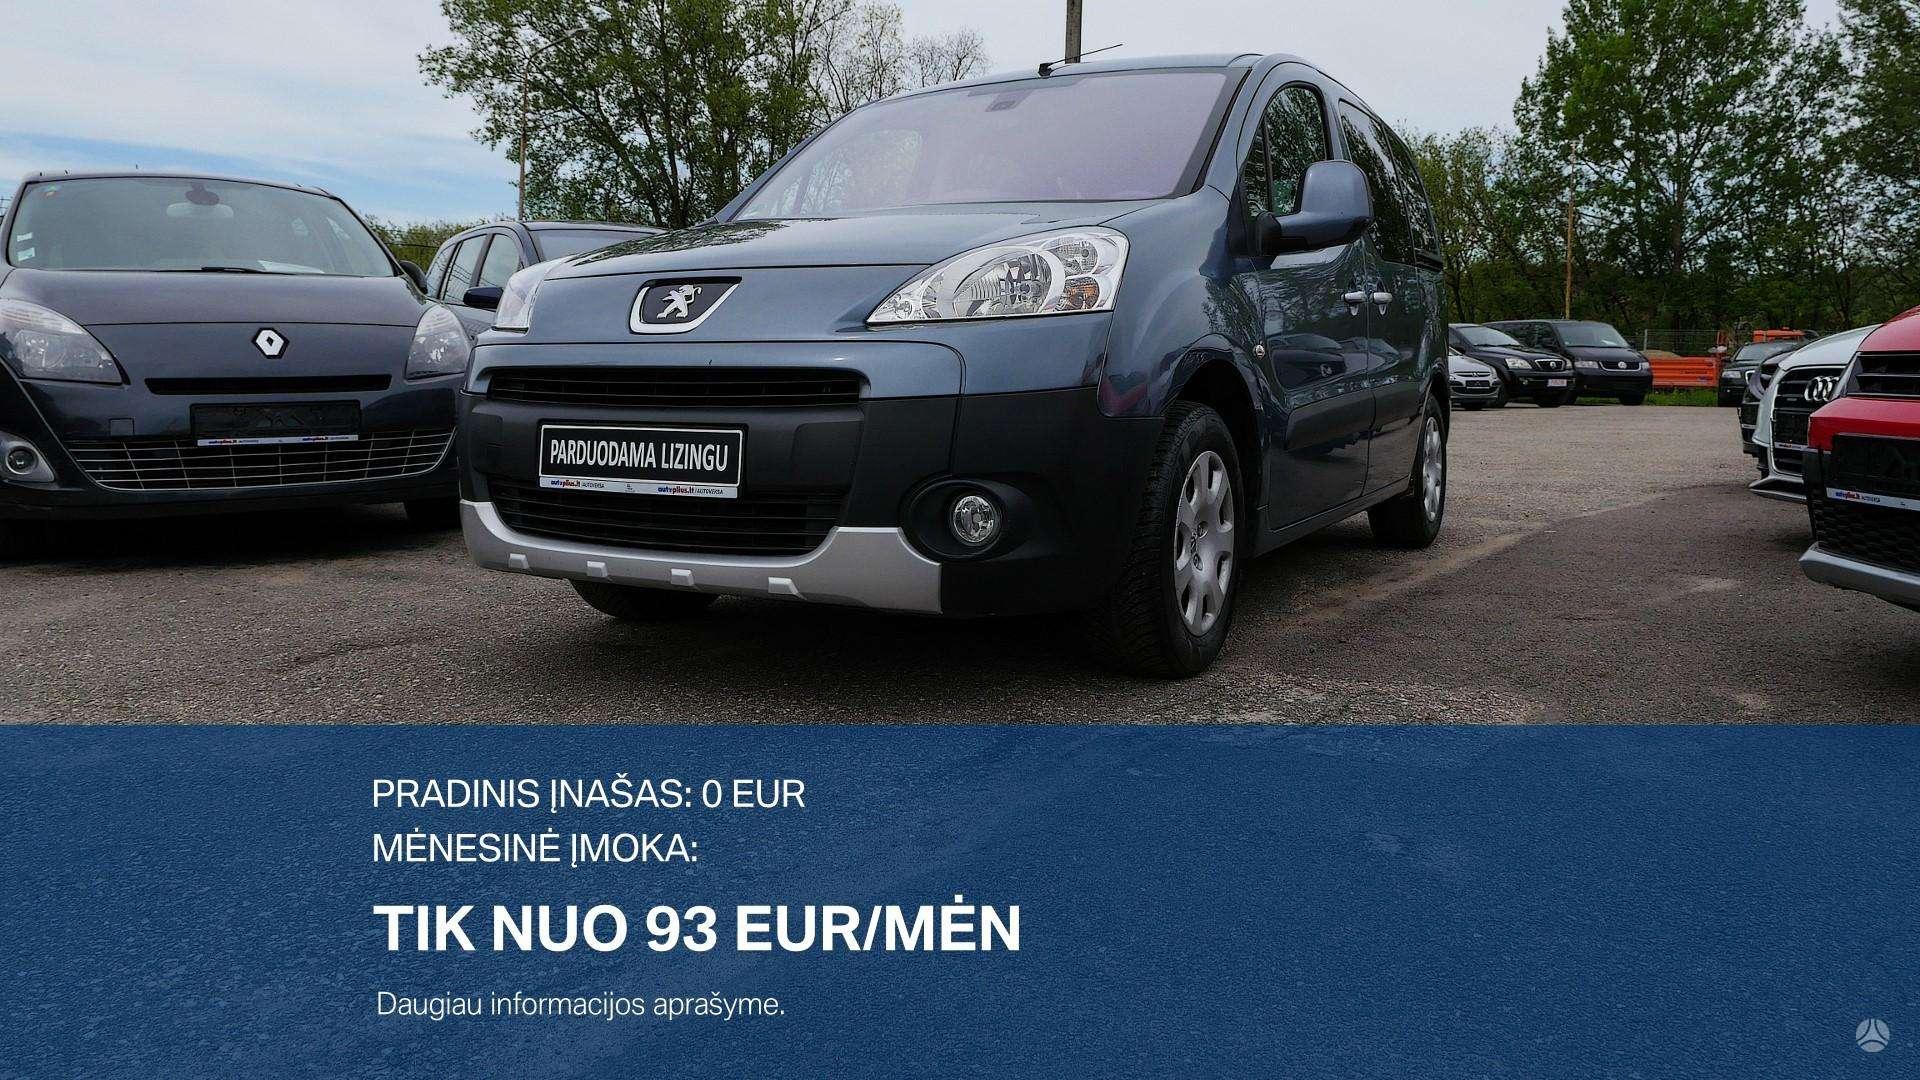 Peugeot Partner išsimokėtinai nuo 93Eur/Mėn su 3 mėnesių garantija